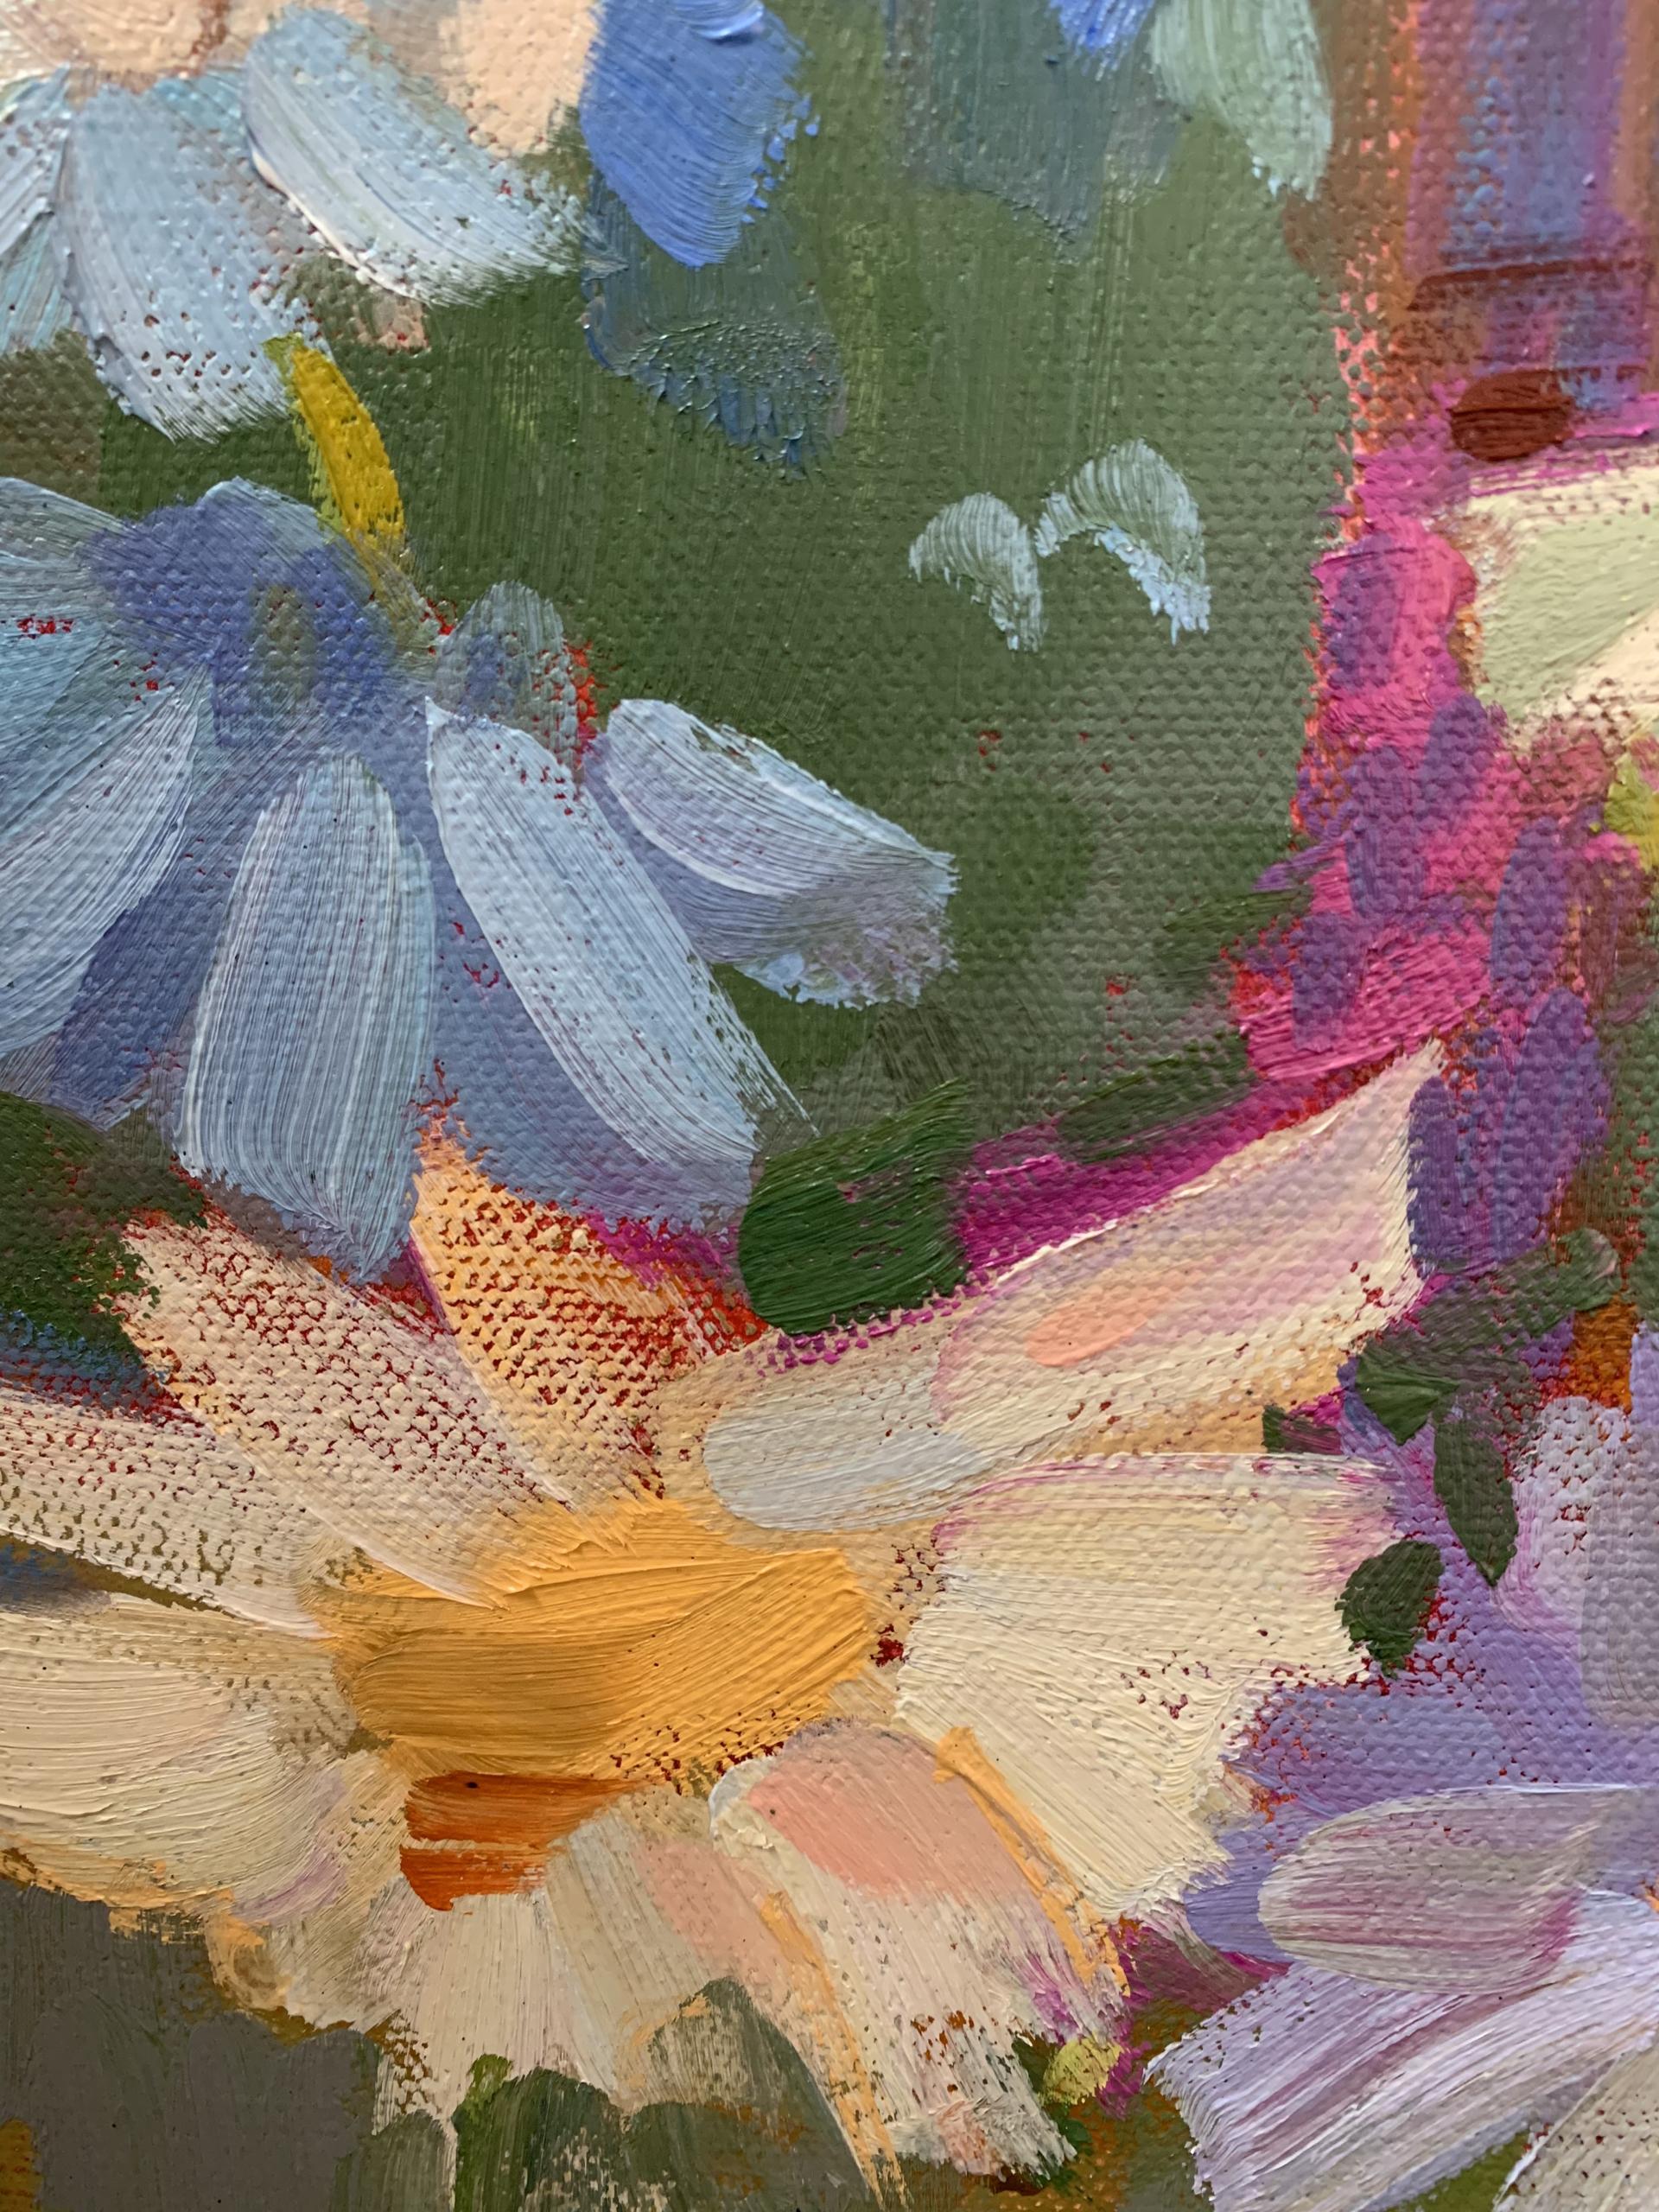 Wild Daisy by Marissa Vogl